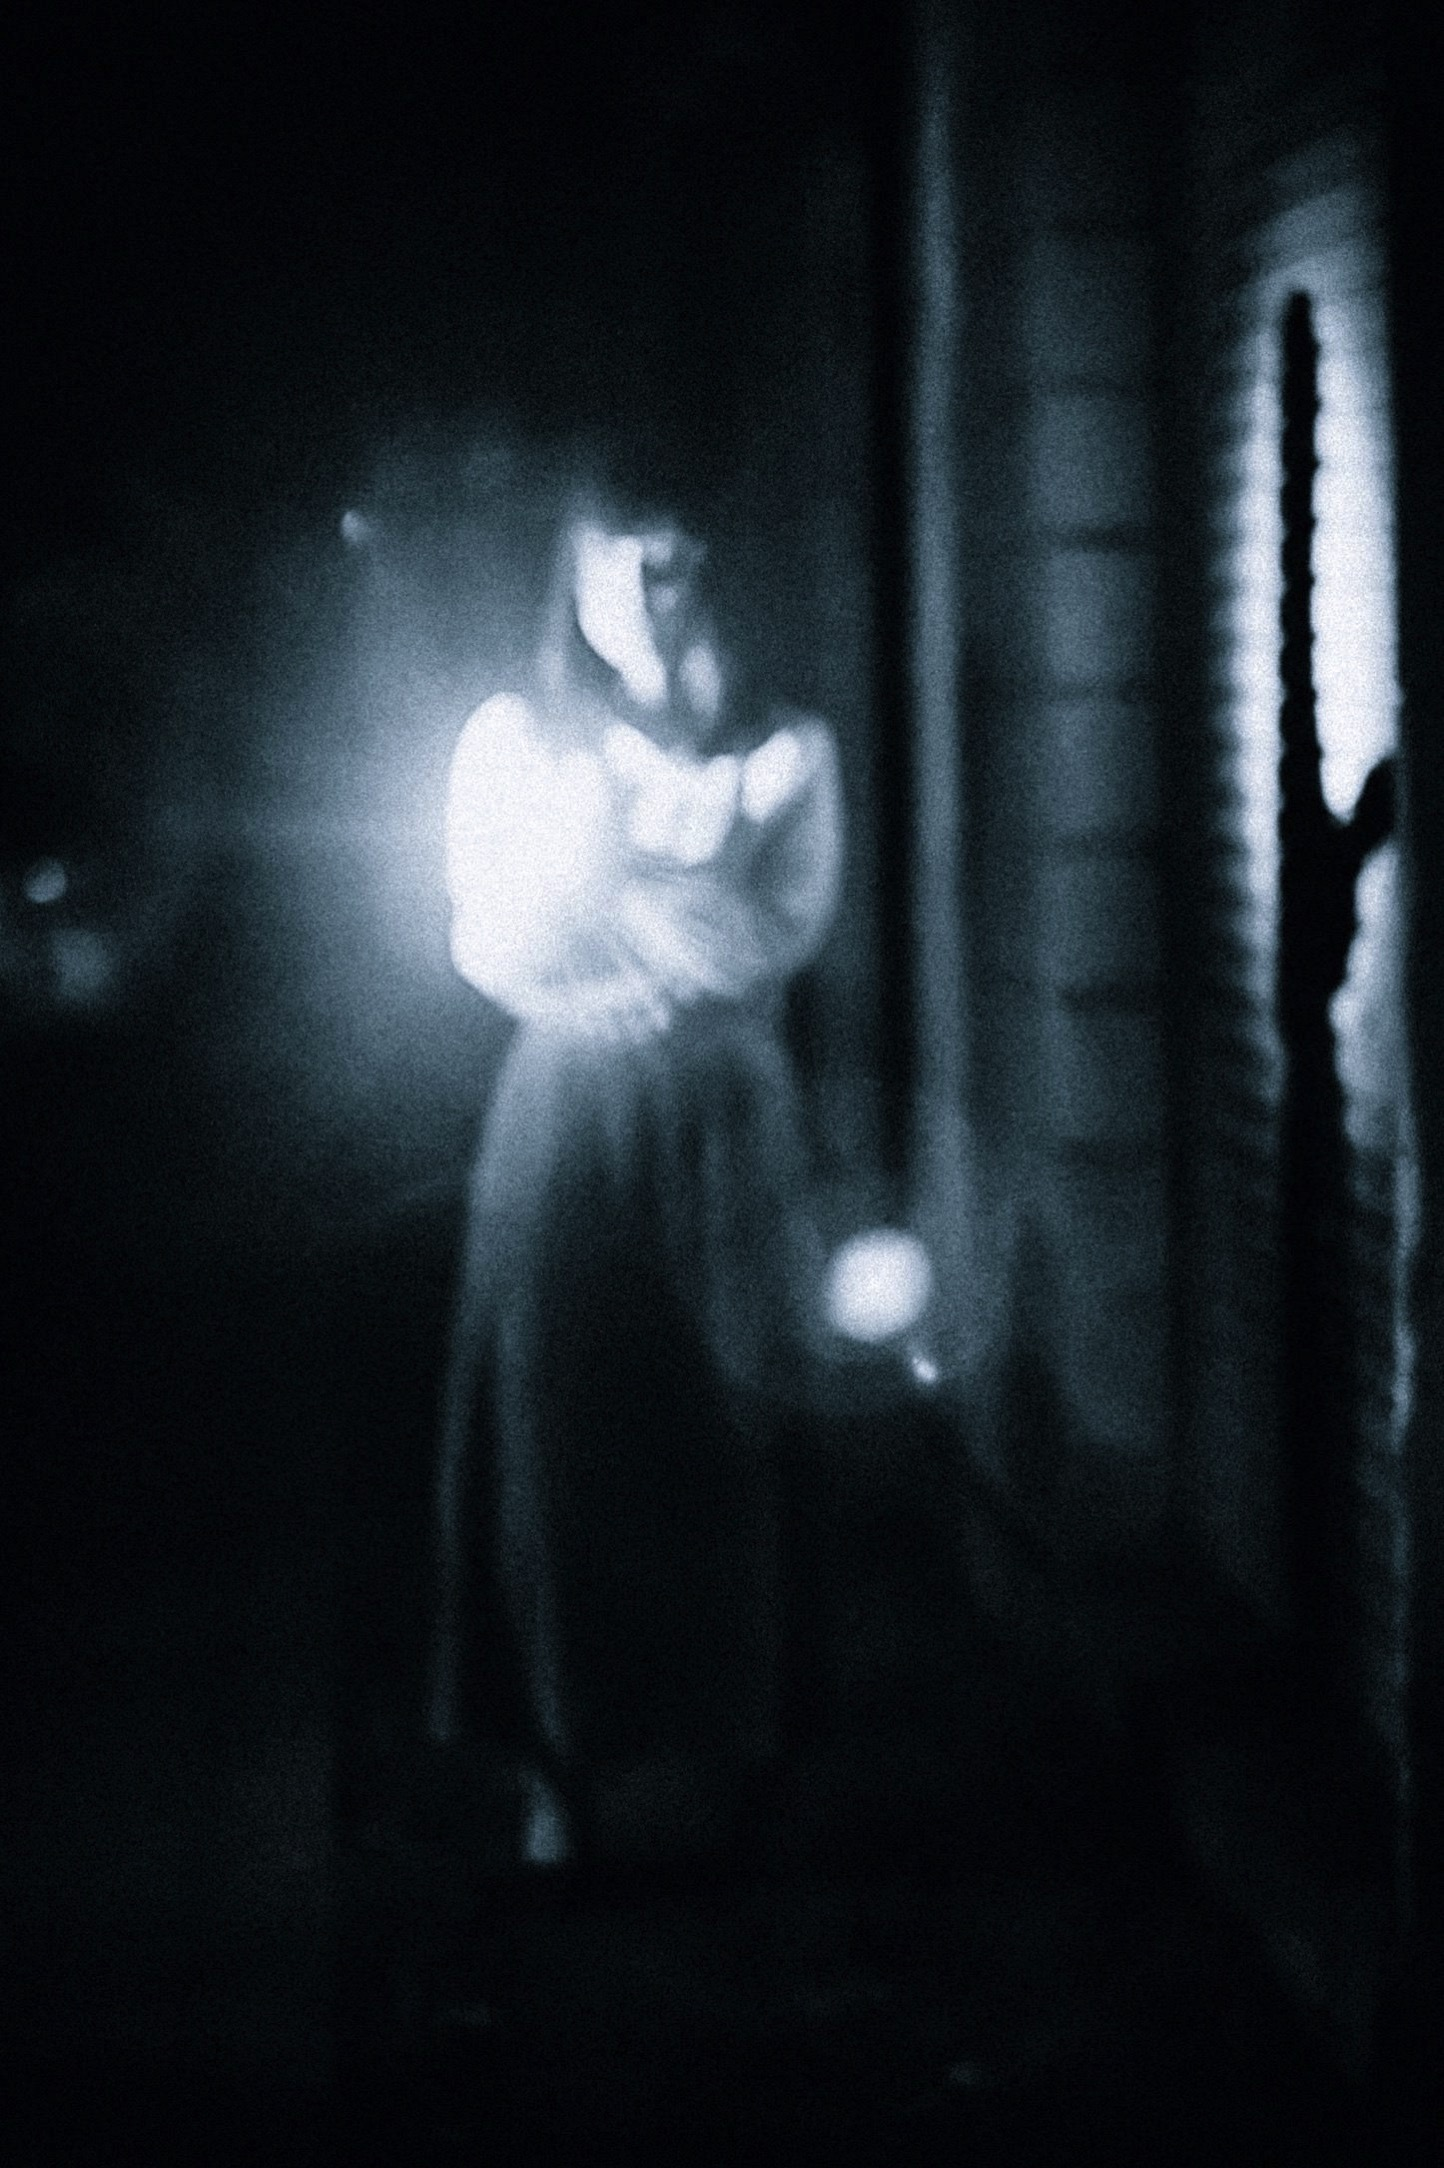 Pakutaso Horror Free Stock Photos 61